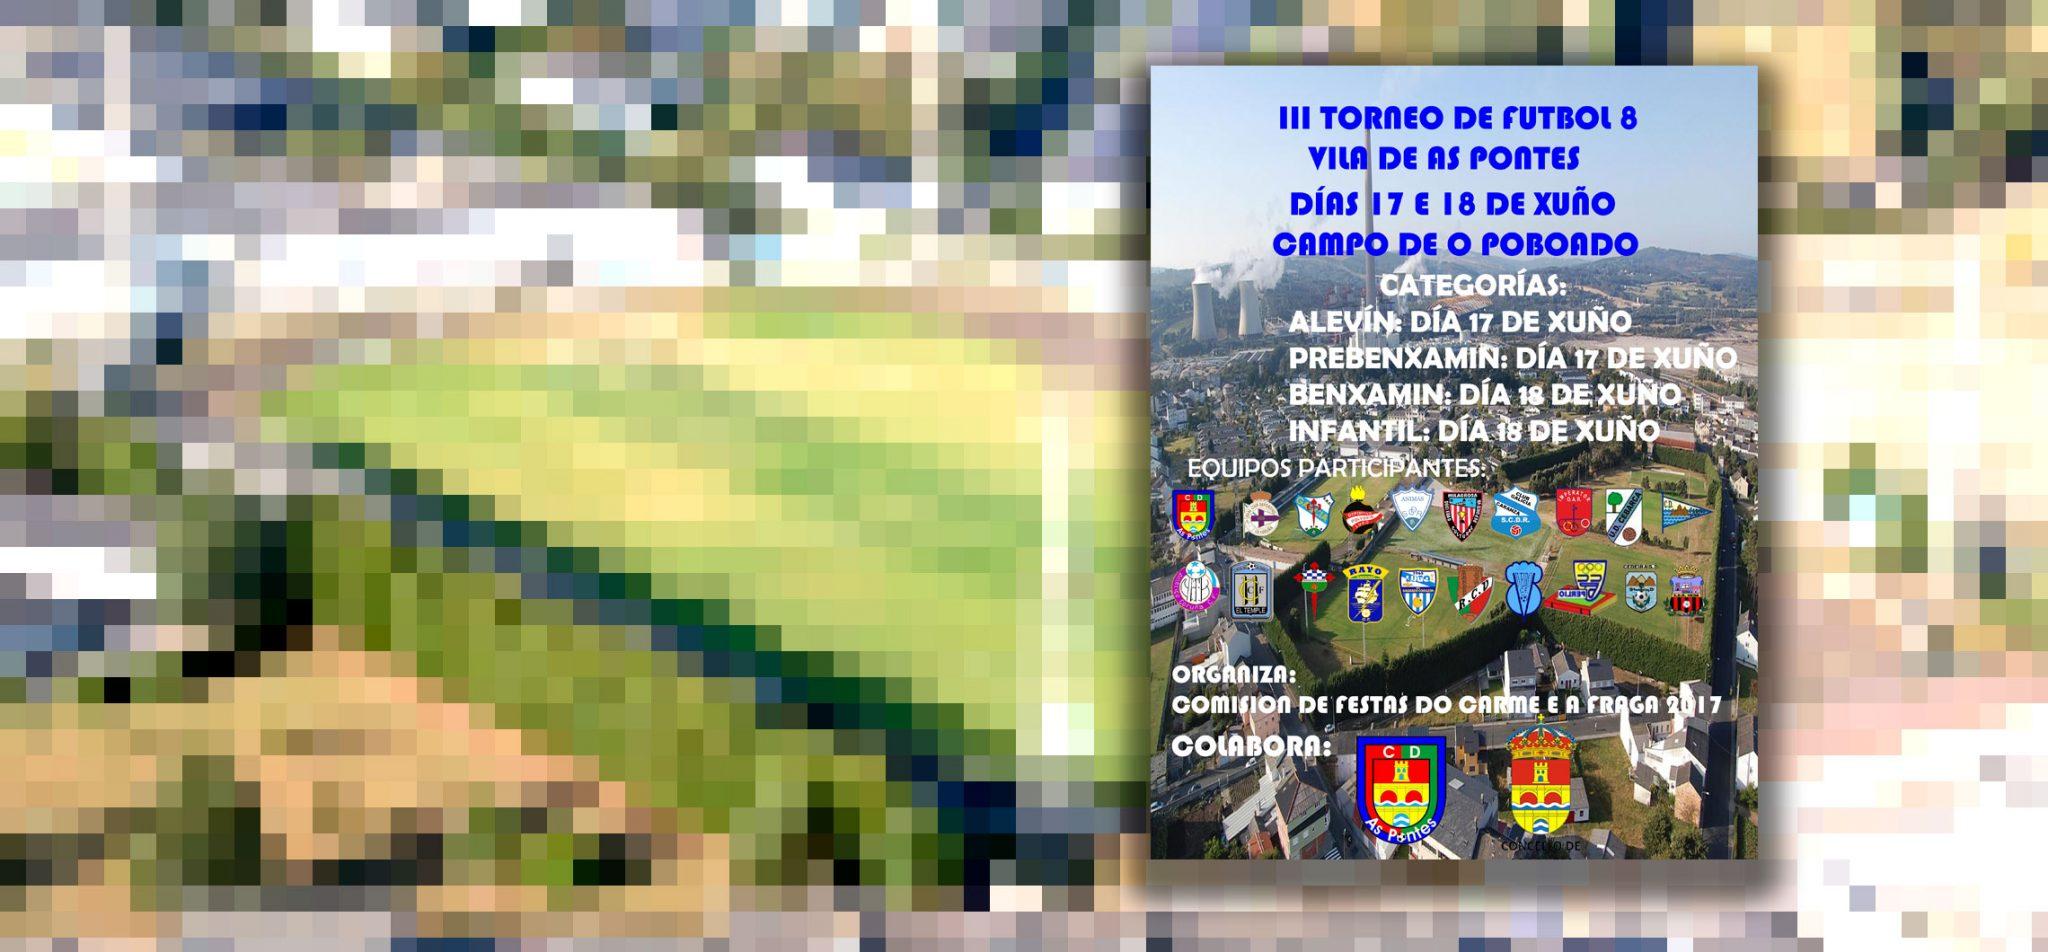 torneo futbol 8